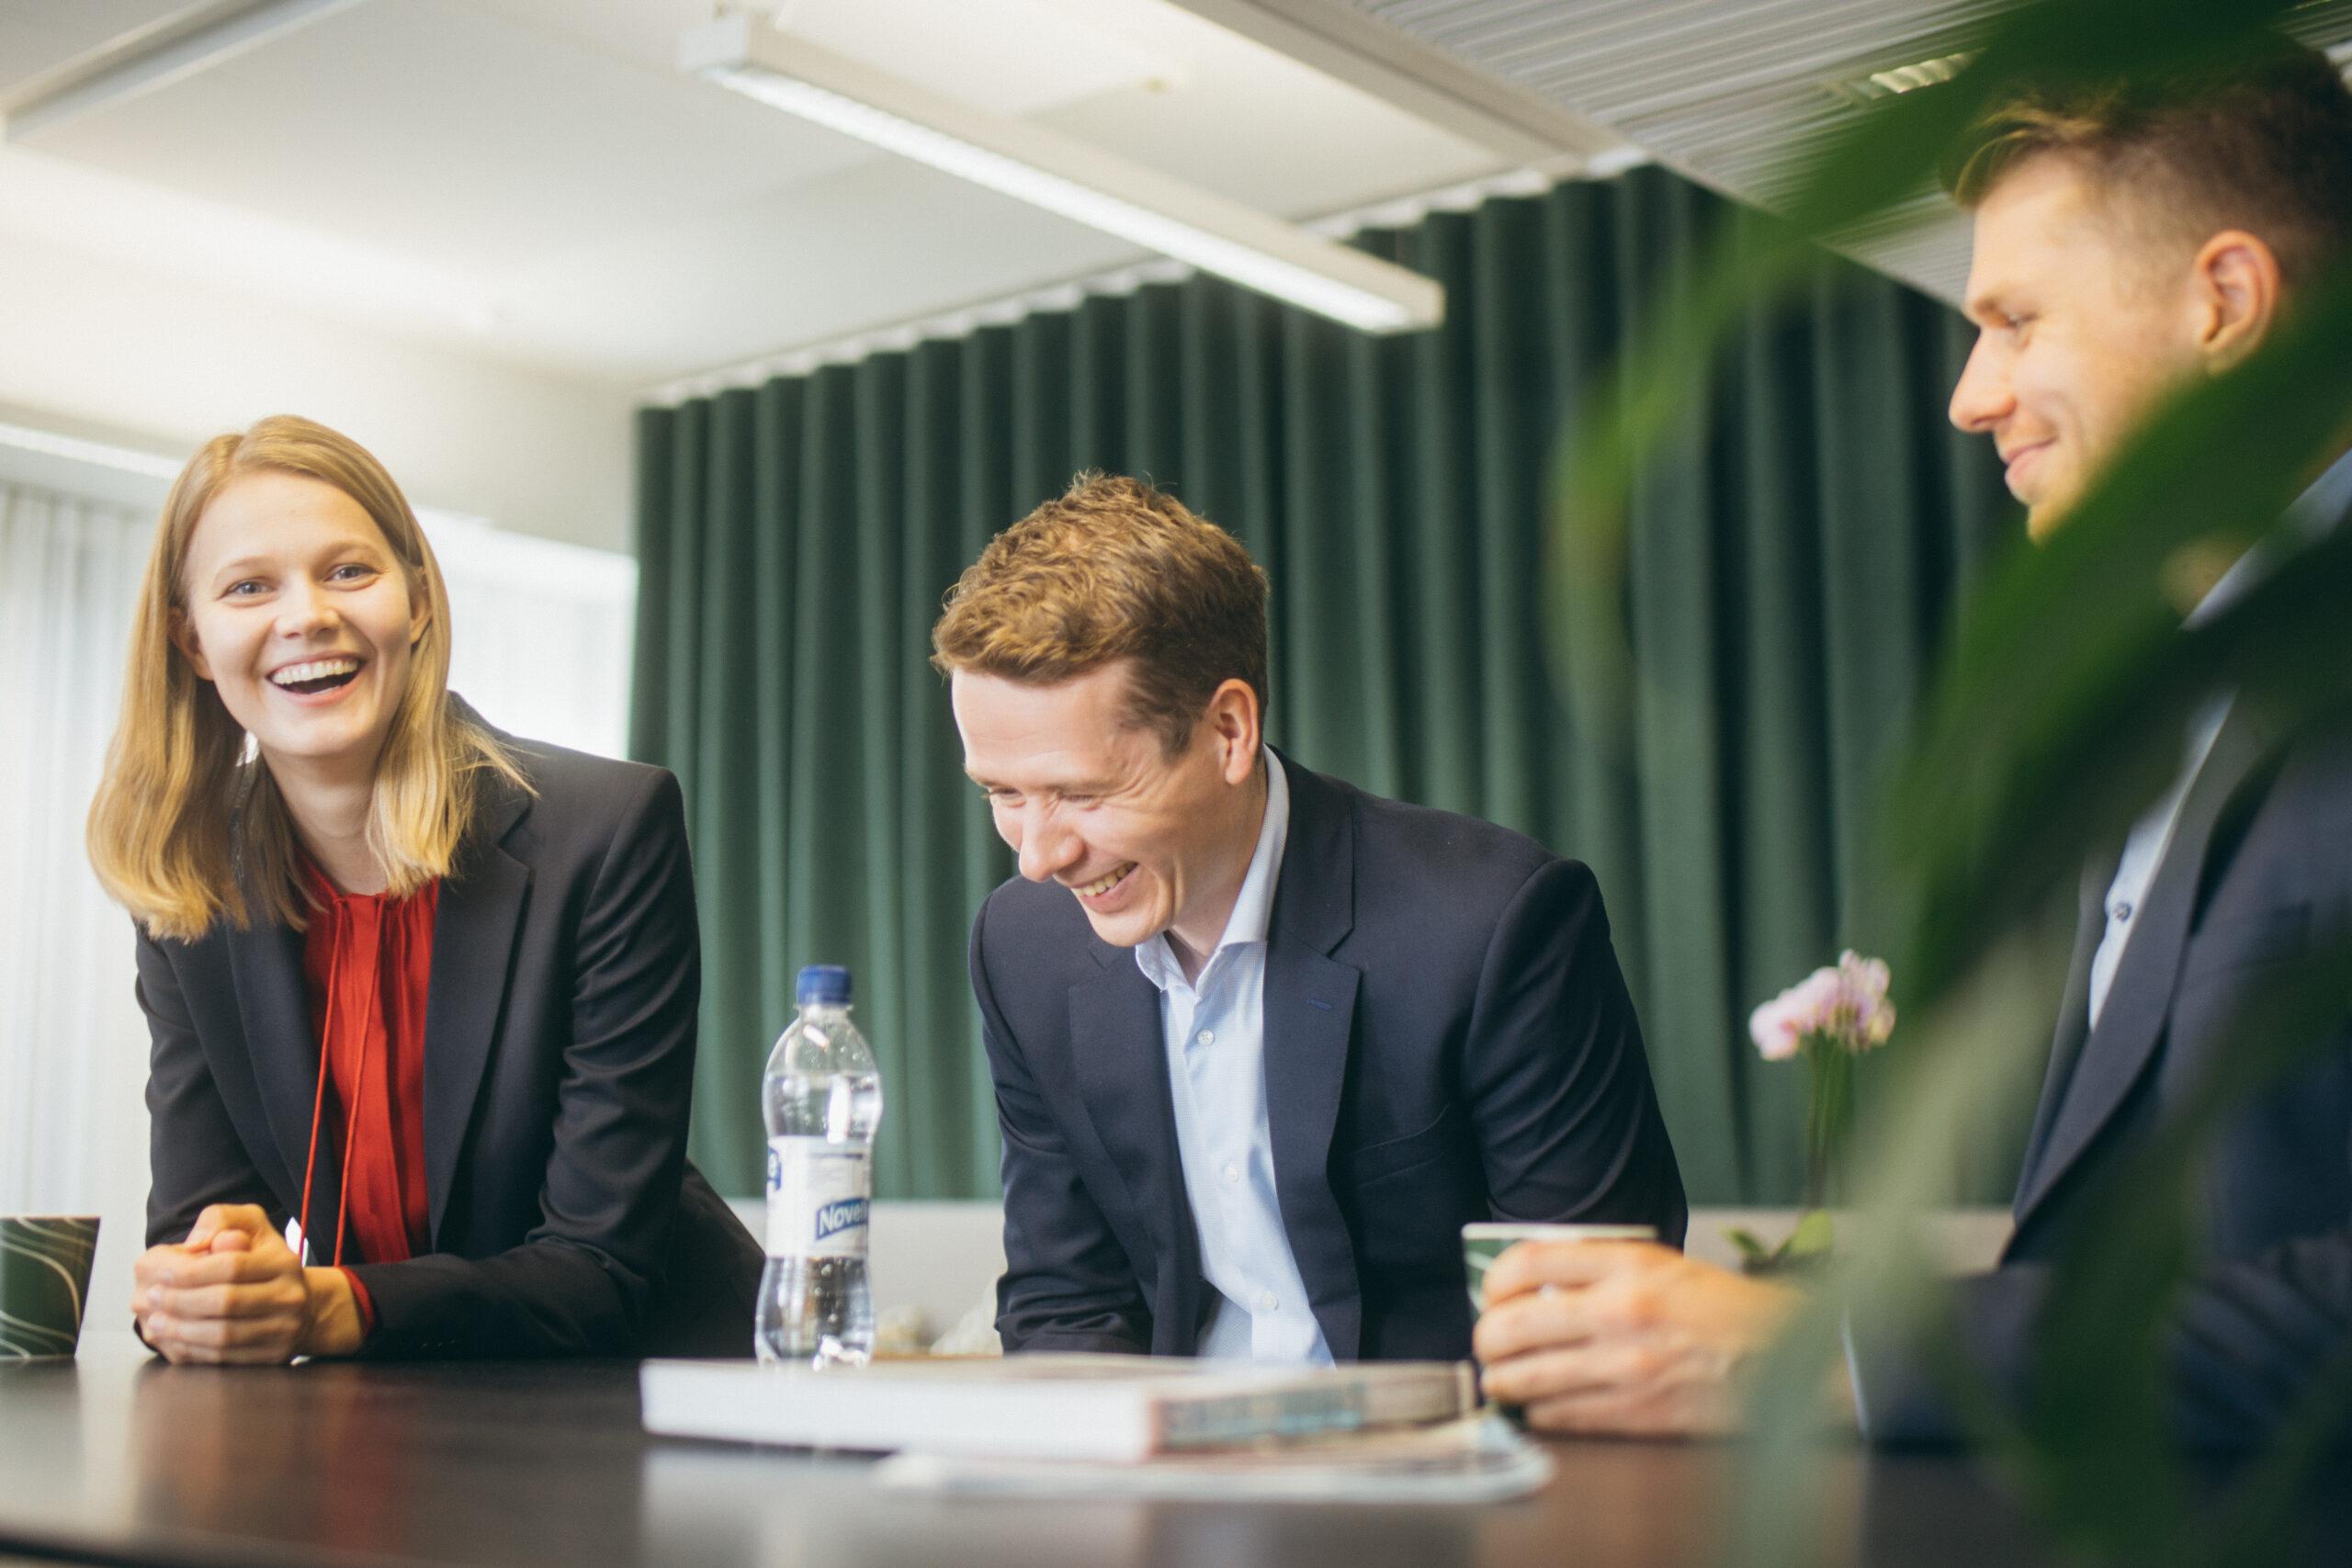 Kuvituskuva, jossa ryhmä iloisia ihmisiä istuu neuvotteluhuoneessa saman pöydän ääressä.